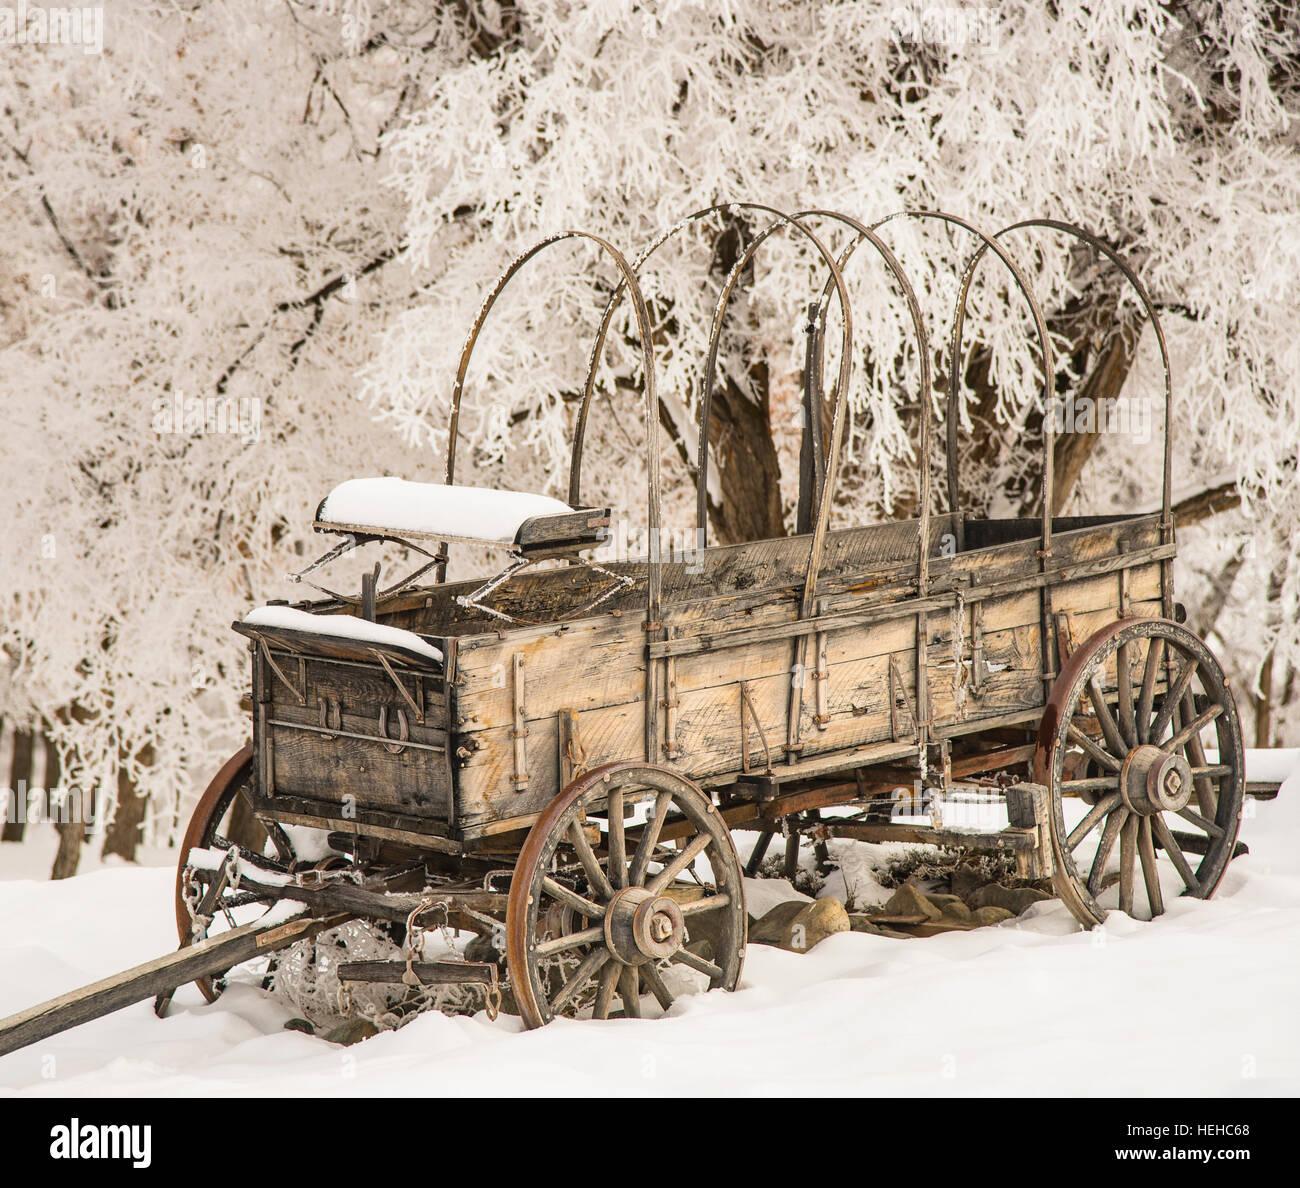 Despedida histórica Bend State Recreation sitio en invierno. Conestoga Wagon rodeado por árboles helada Imagen De Stock